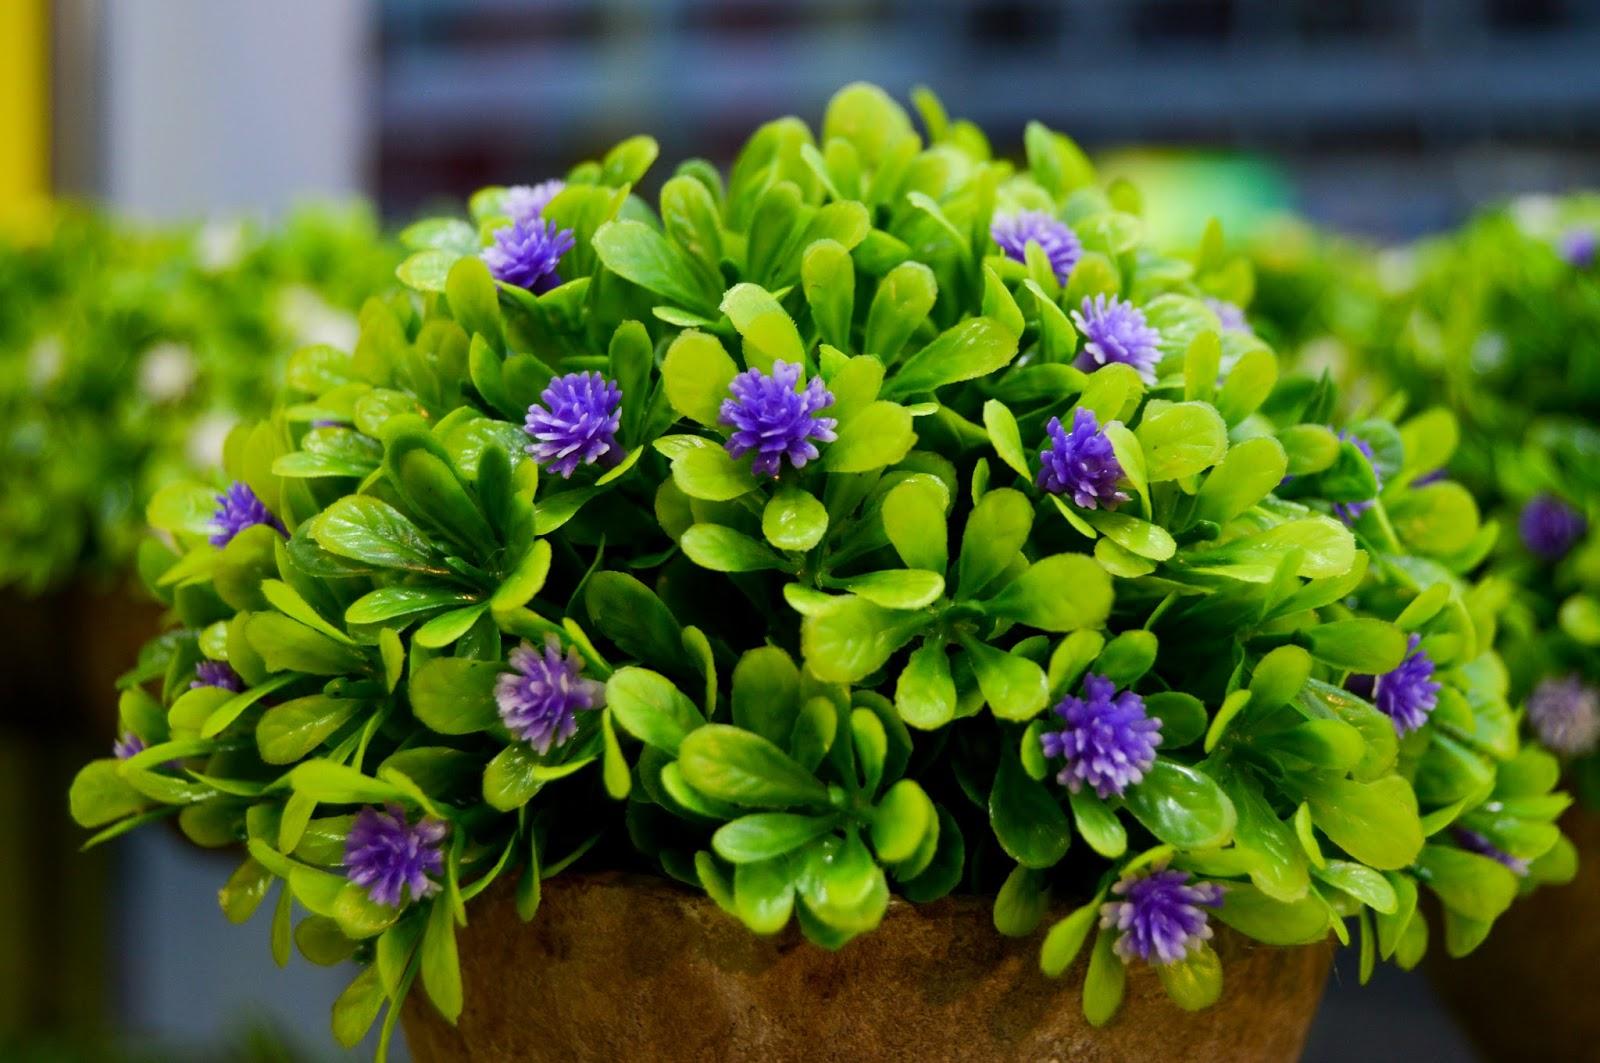 Purple Flowers Green Leave vase free wallpapers